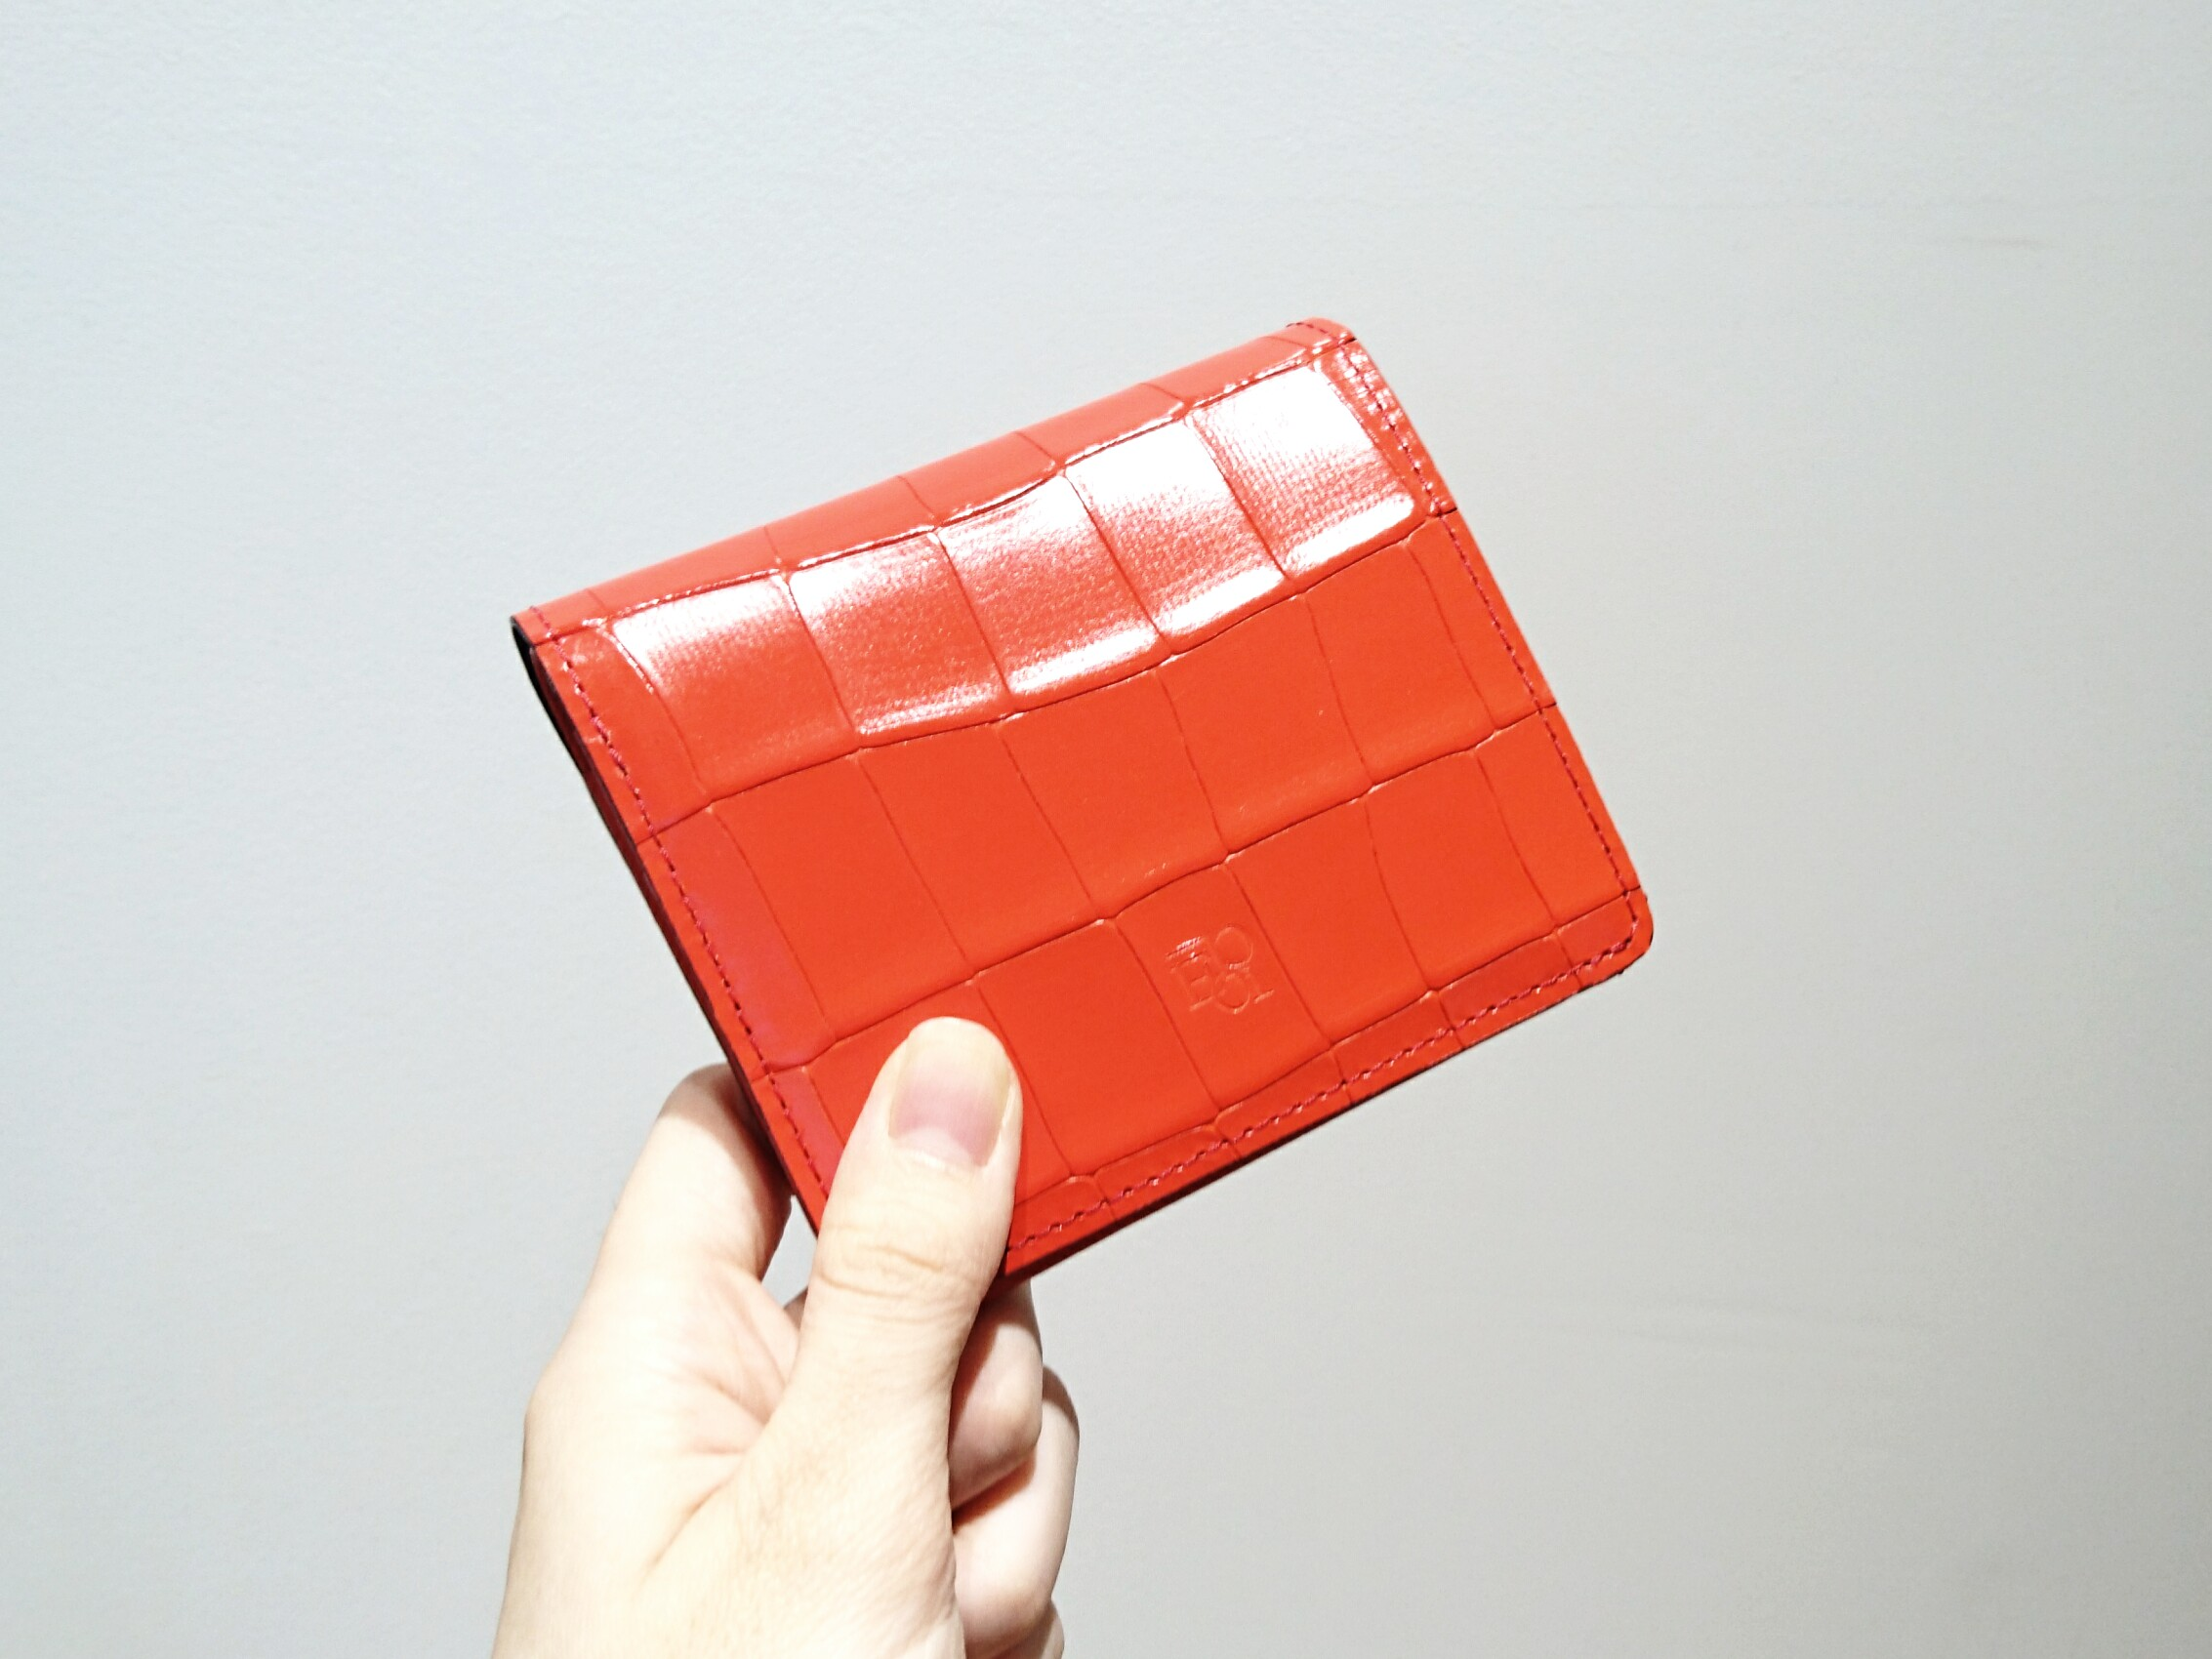 2点入荷 タイル BOX小銭入れ付折り財布